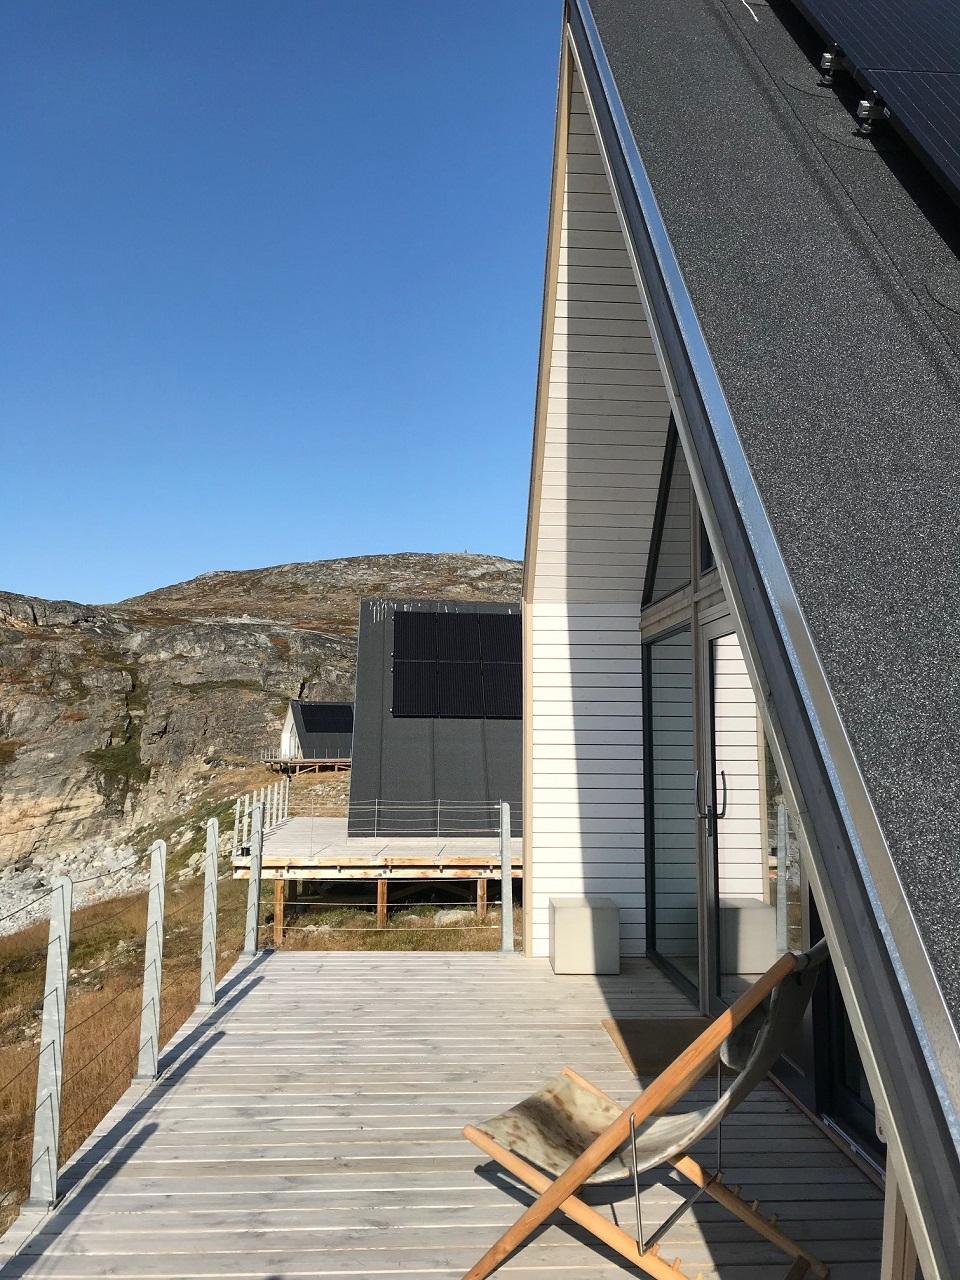 Terace at Ilimanaq Lodge